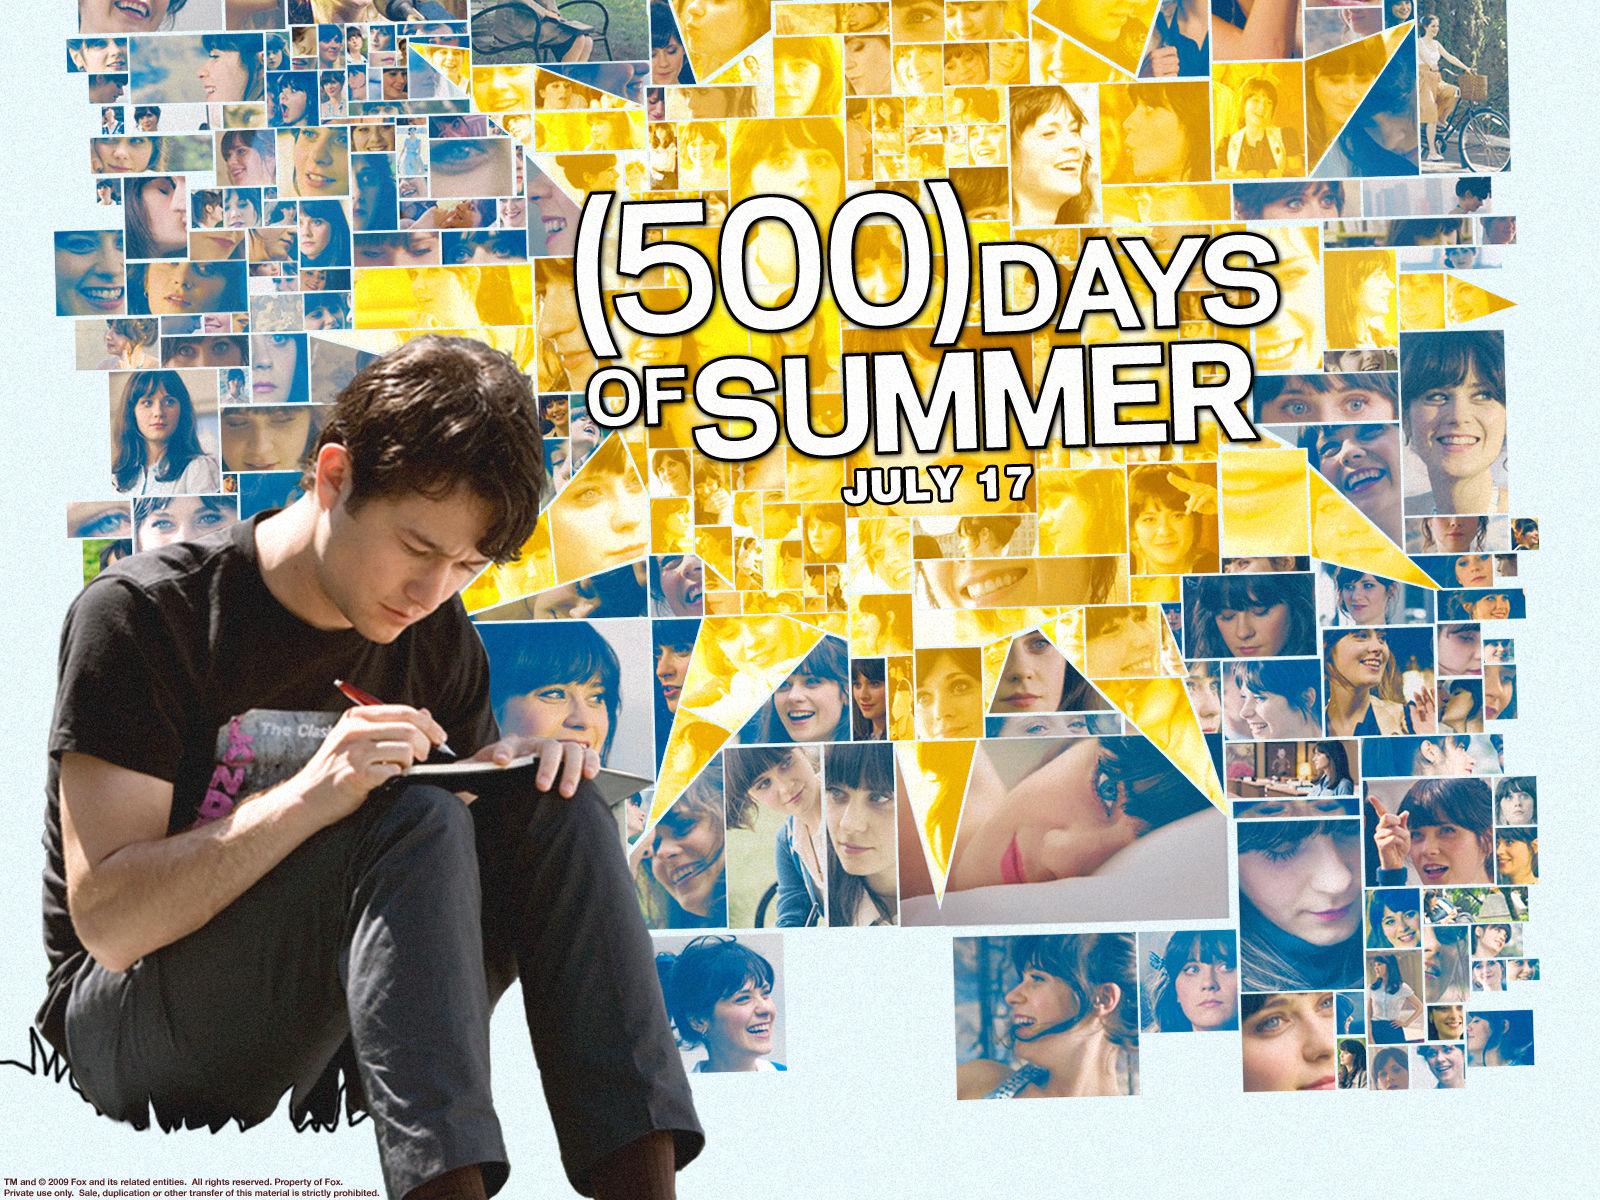 http://4.bp.blogspot.com/_ofOwkvFFhY4/TRZu-y1d6JI/AAAAAAAACBk/5Ci7_sh0mZc/s1600/500_days_of_summer02.jpg